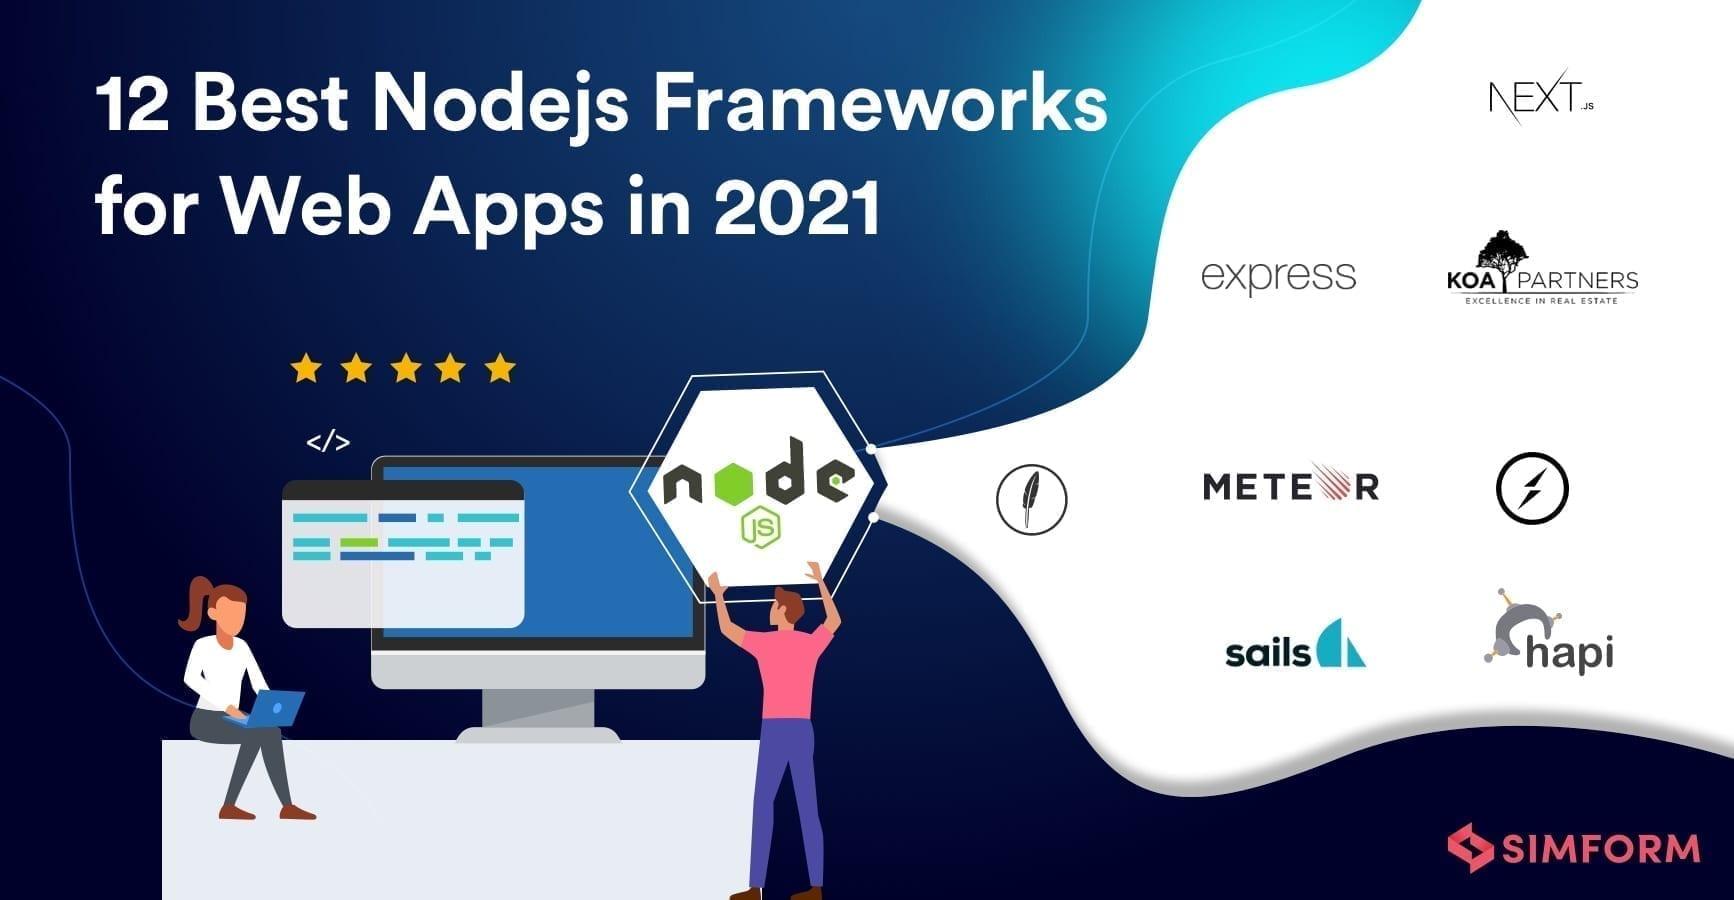 12 Best Nodejs Frameworks for Web Apps in 2021